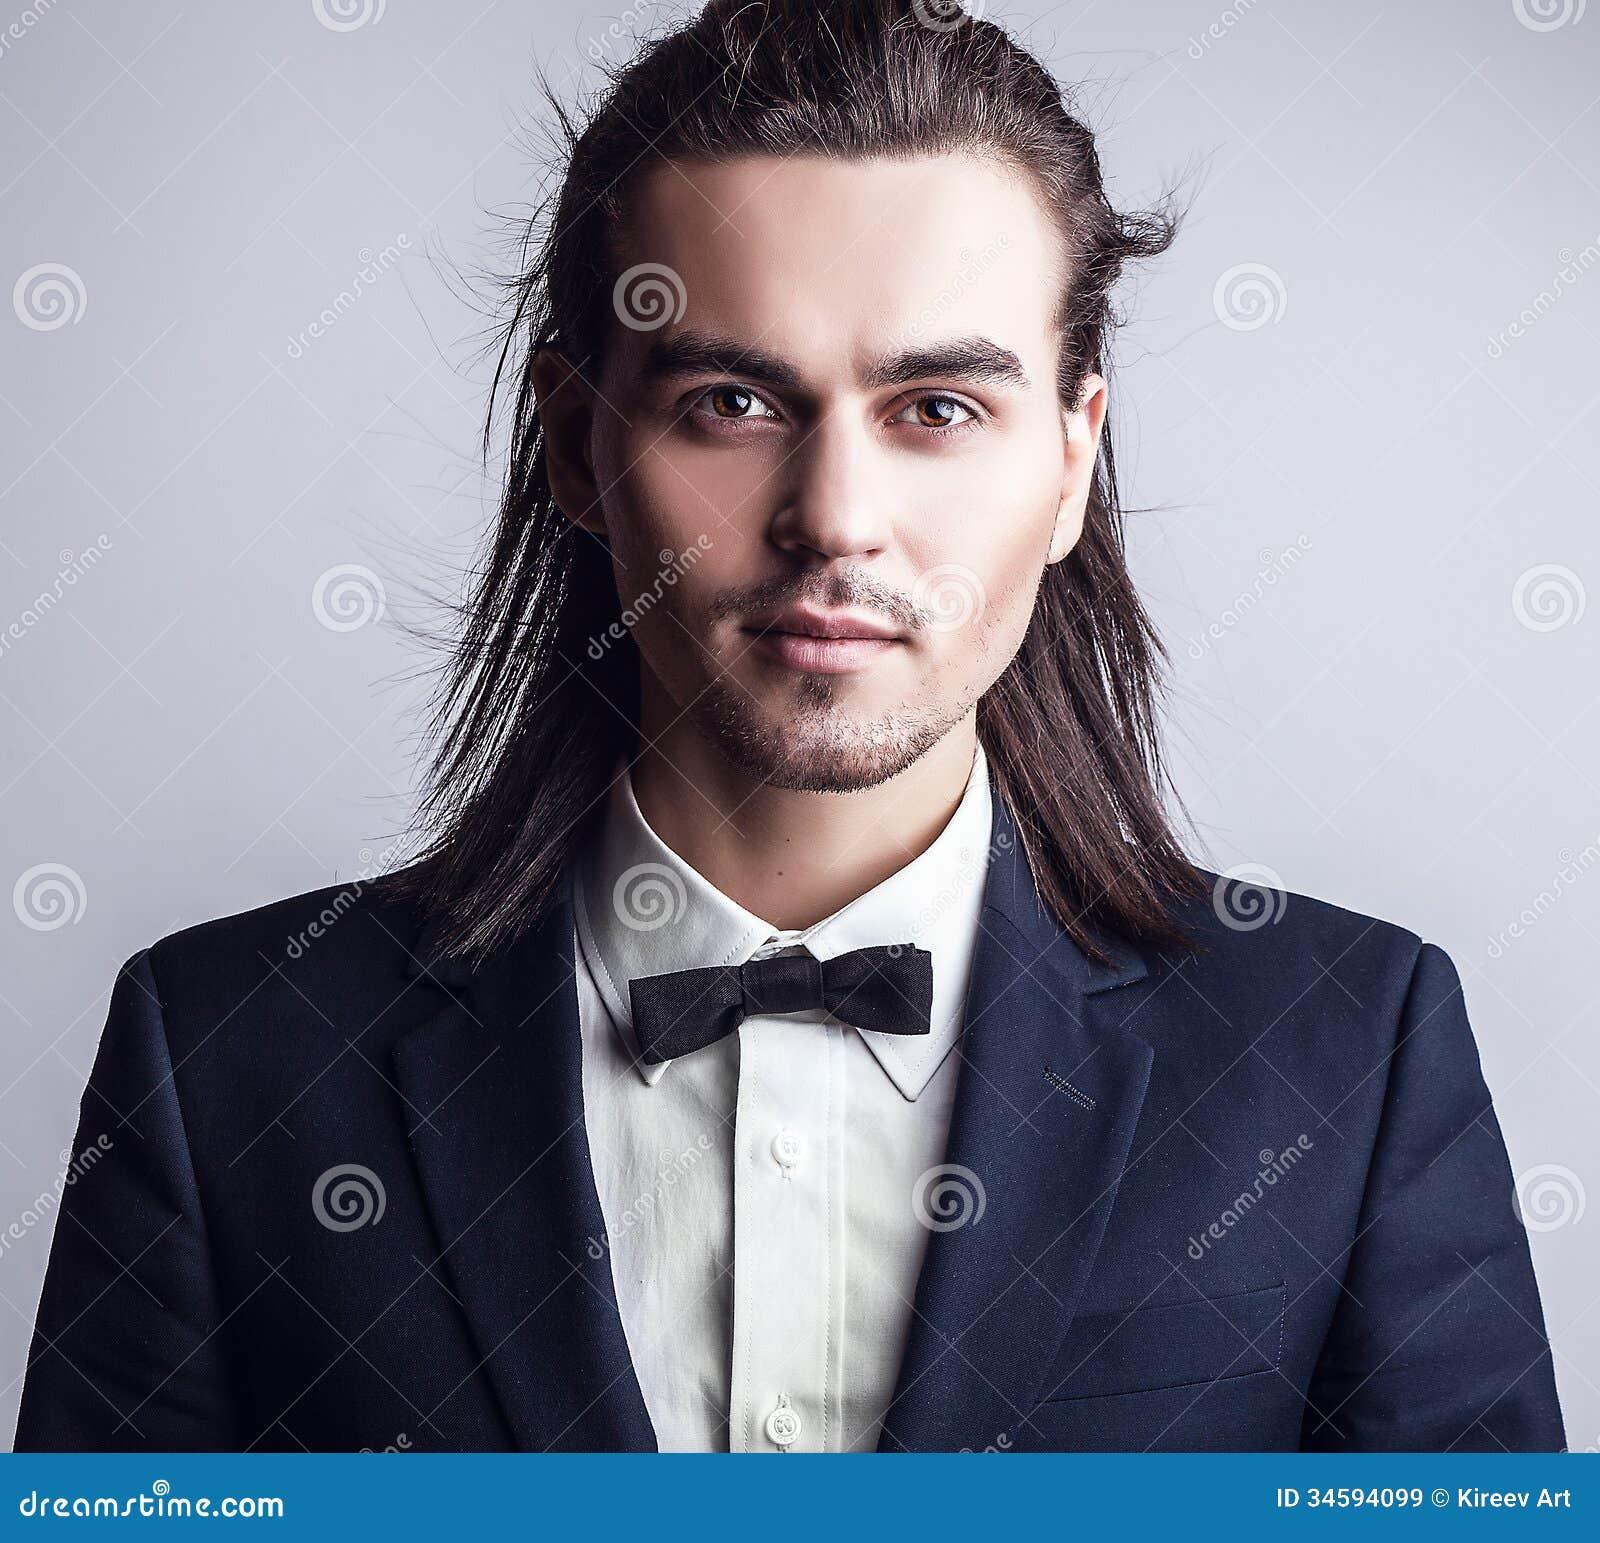 Capelli lunghi uomo eleganti